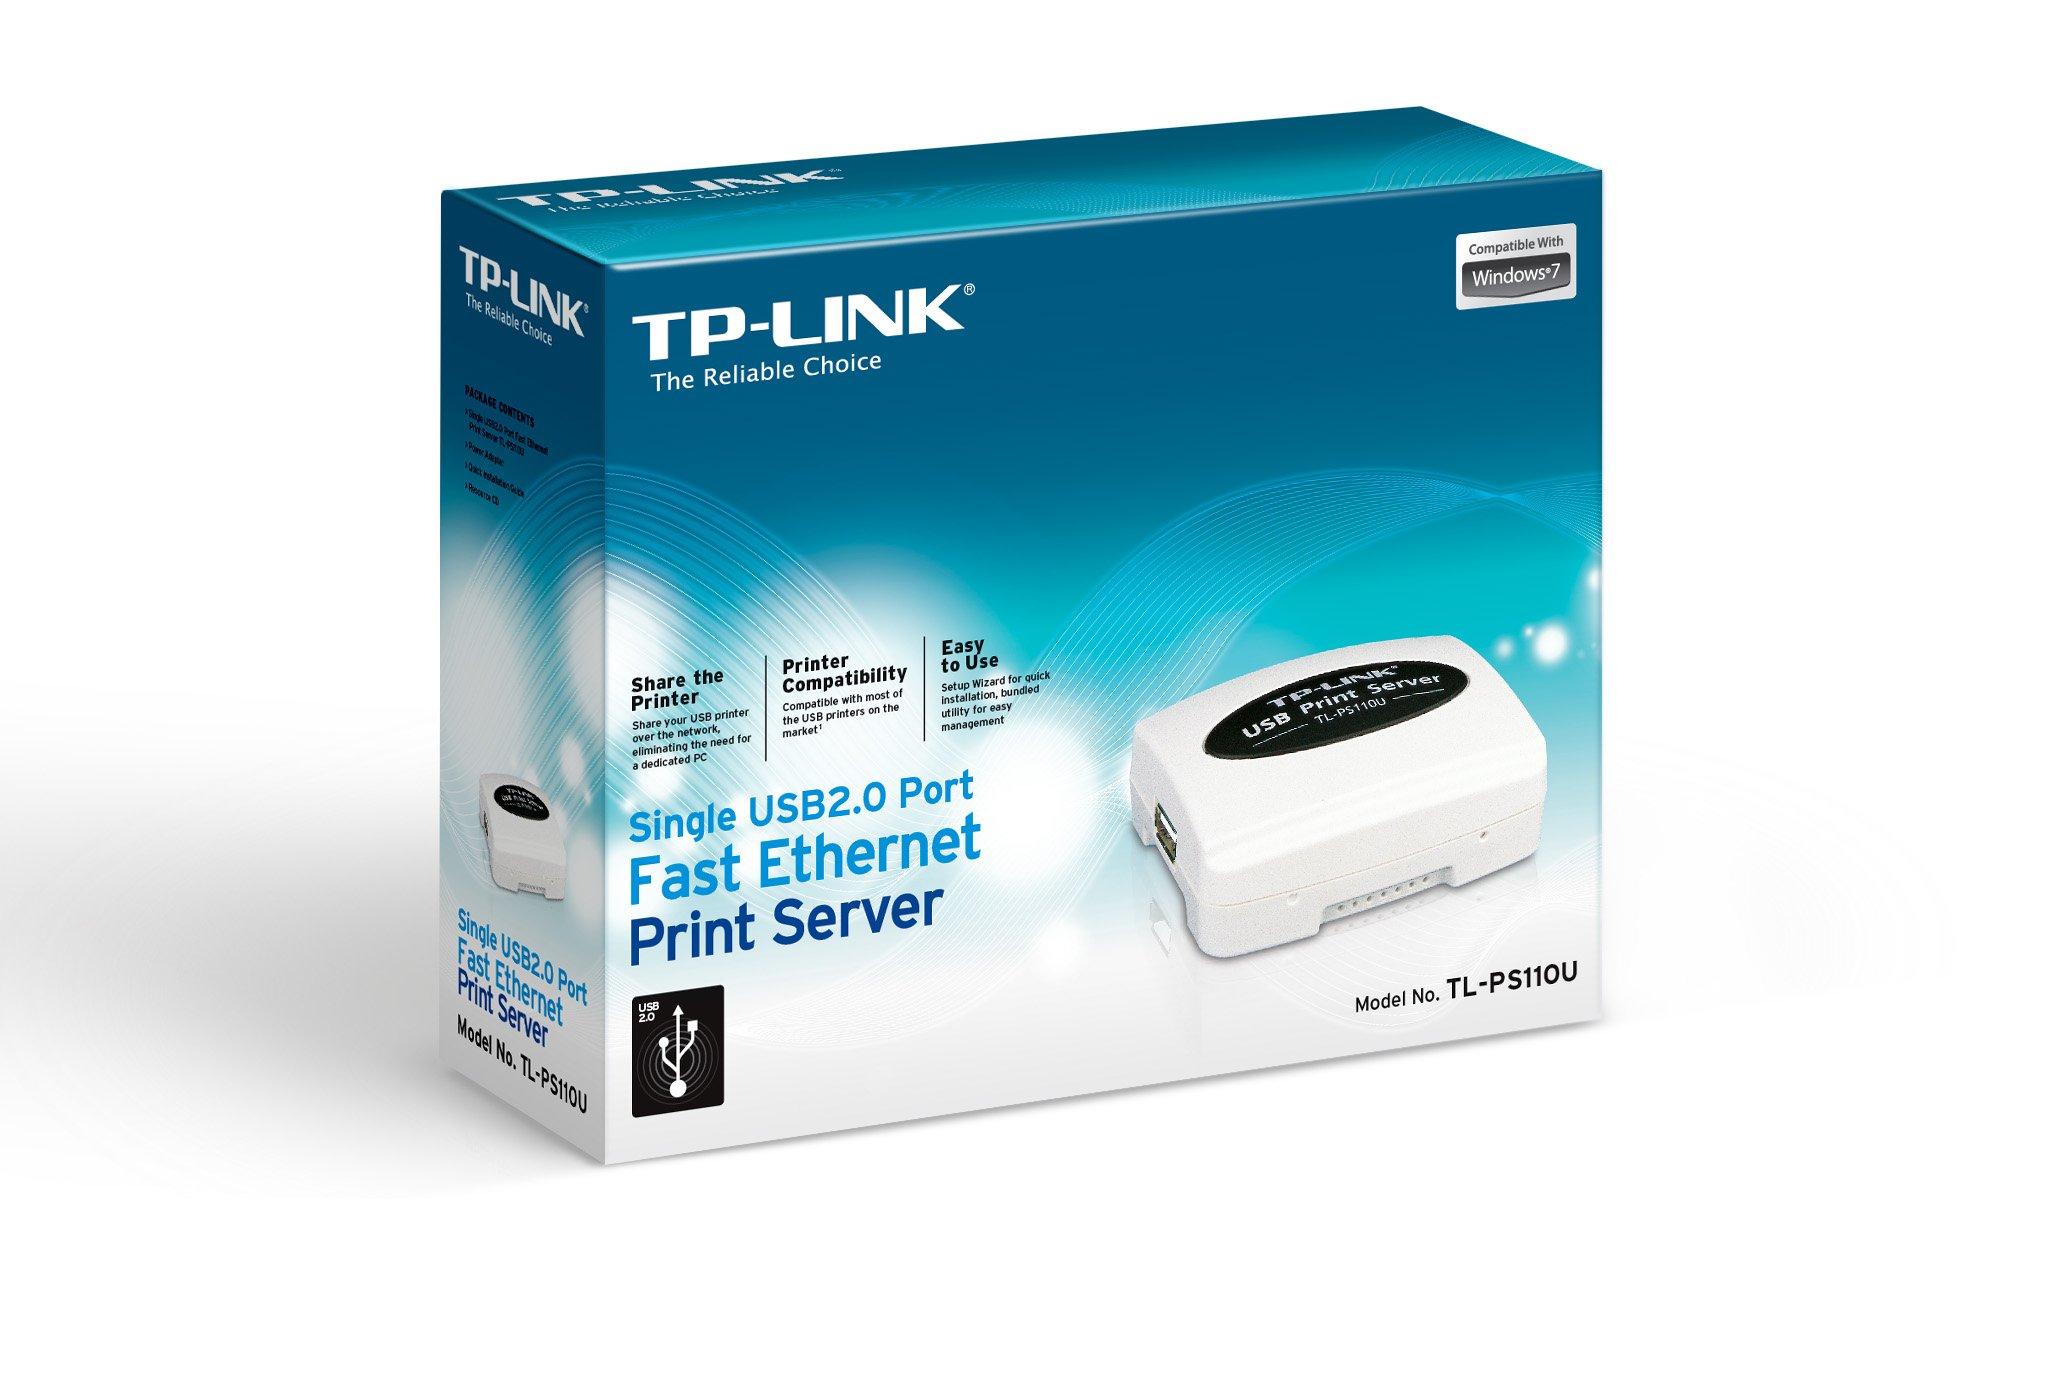 TP-LINK Tl-Ps110U Single Usb2.0 Port Fast Ethernet Print Server by TP-LINK